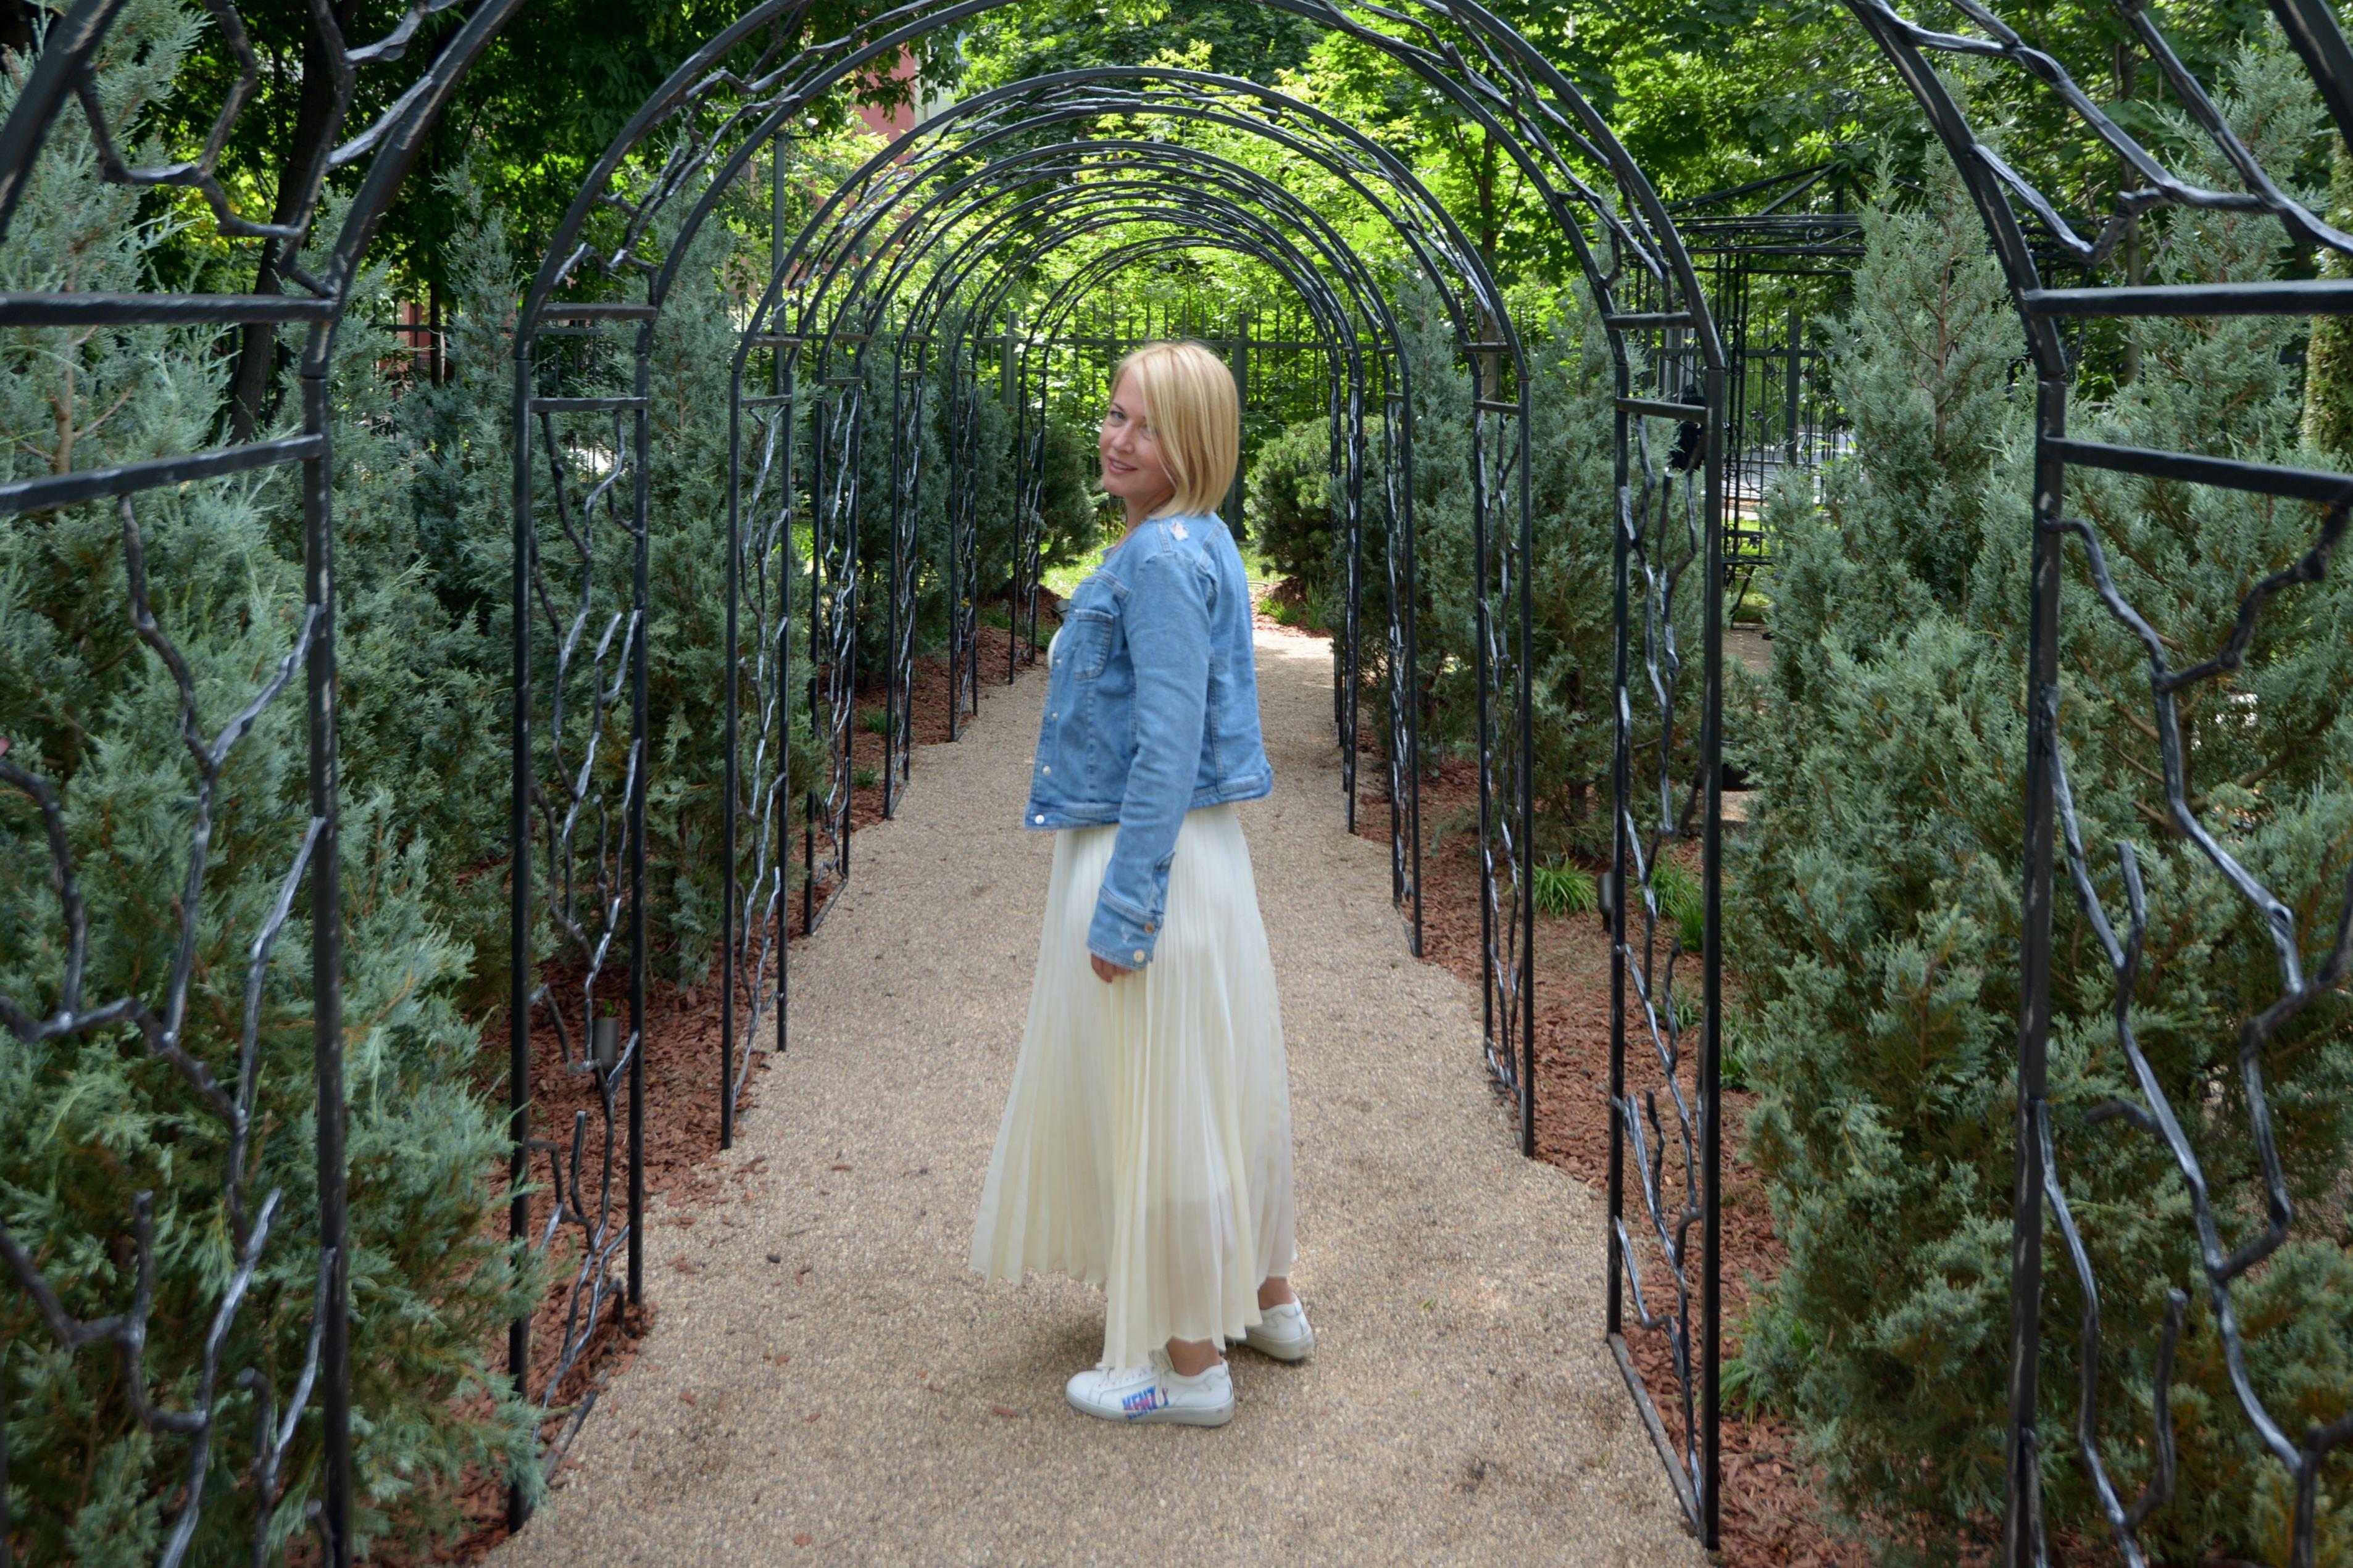 Ландшафтный парк откроют возле ТПУ «Рязанская» на юго-востоке Москвы